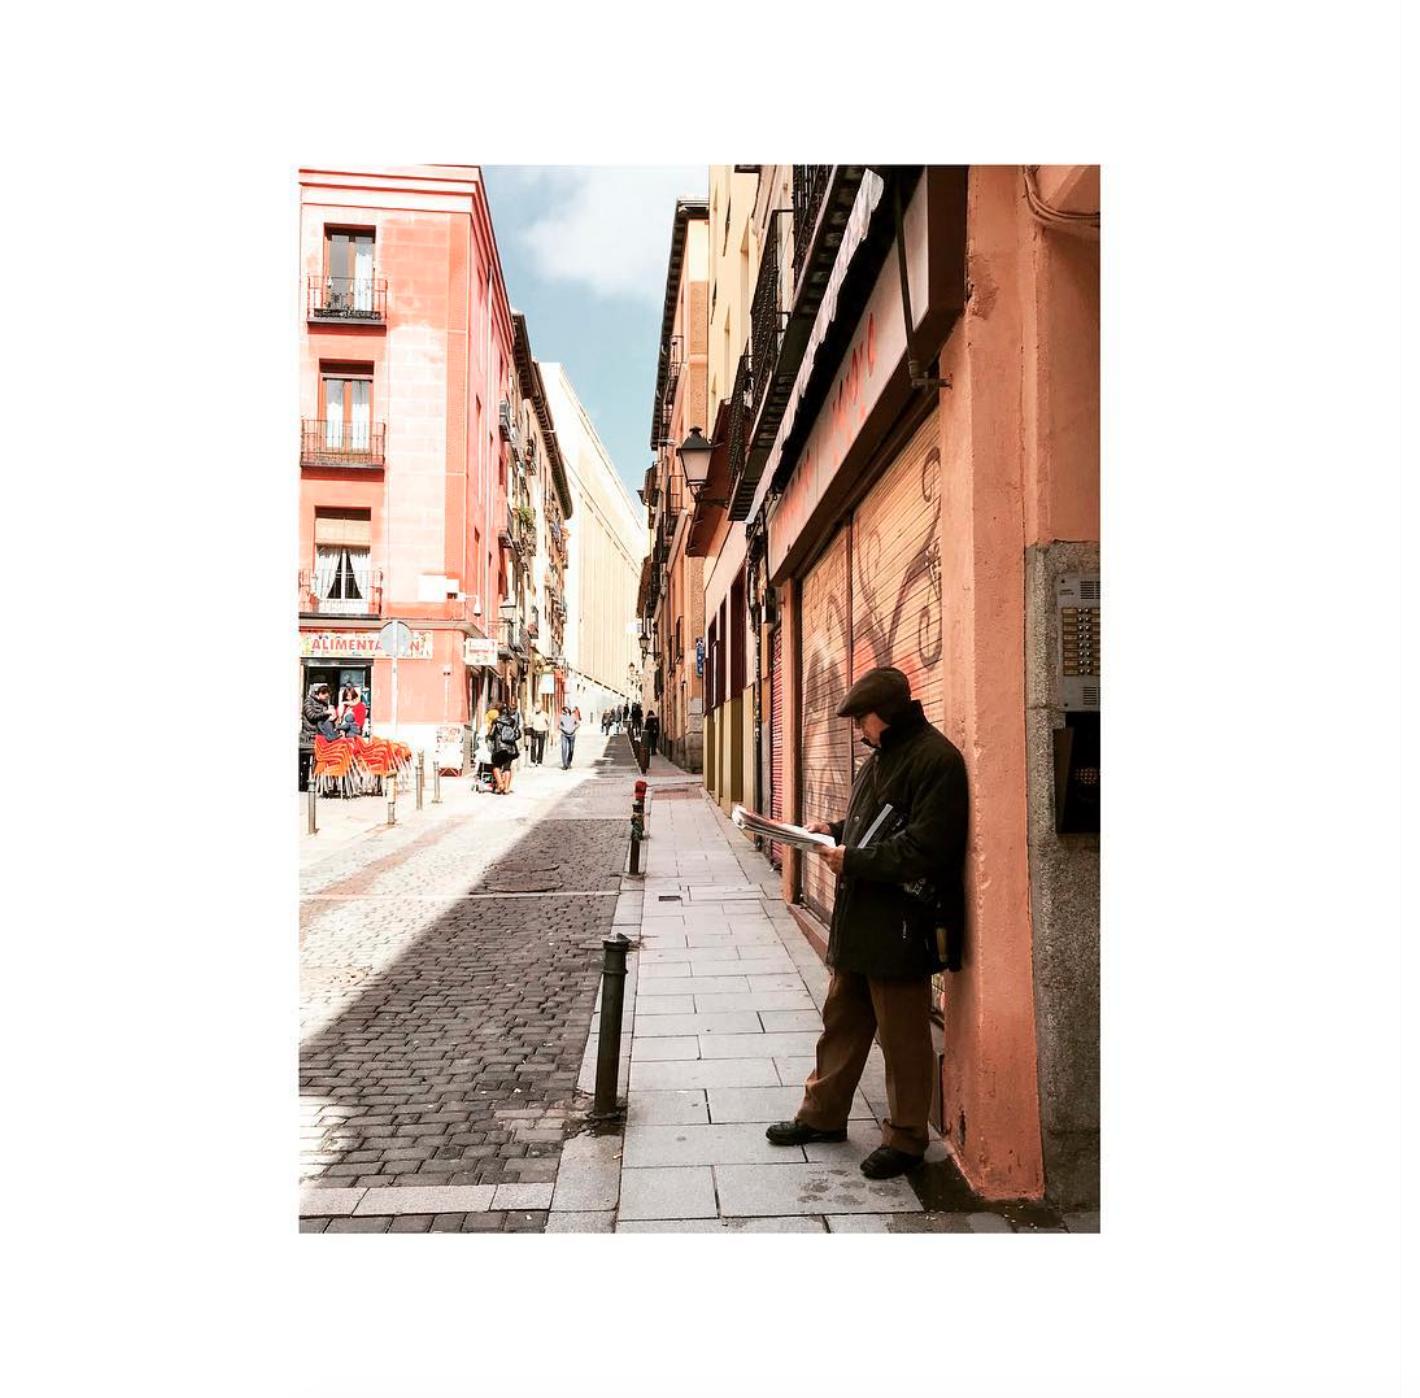 Madrid – Spain